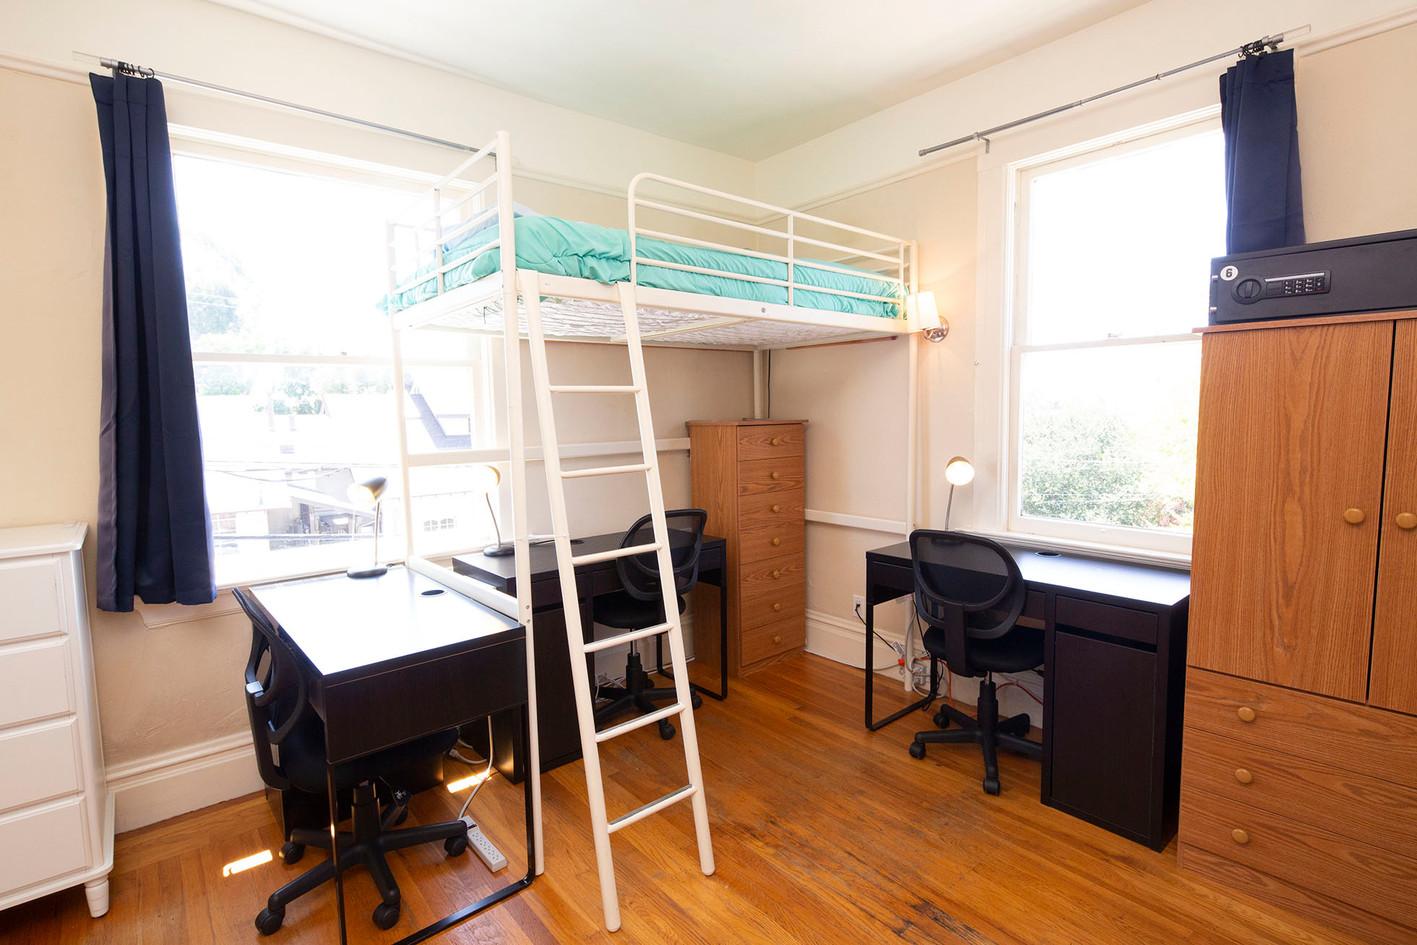 Room 2 - 2 - 1960x1307 72ppi.jpg